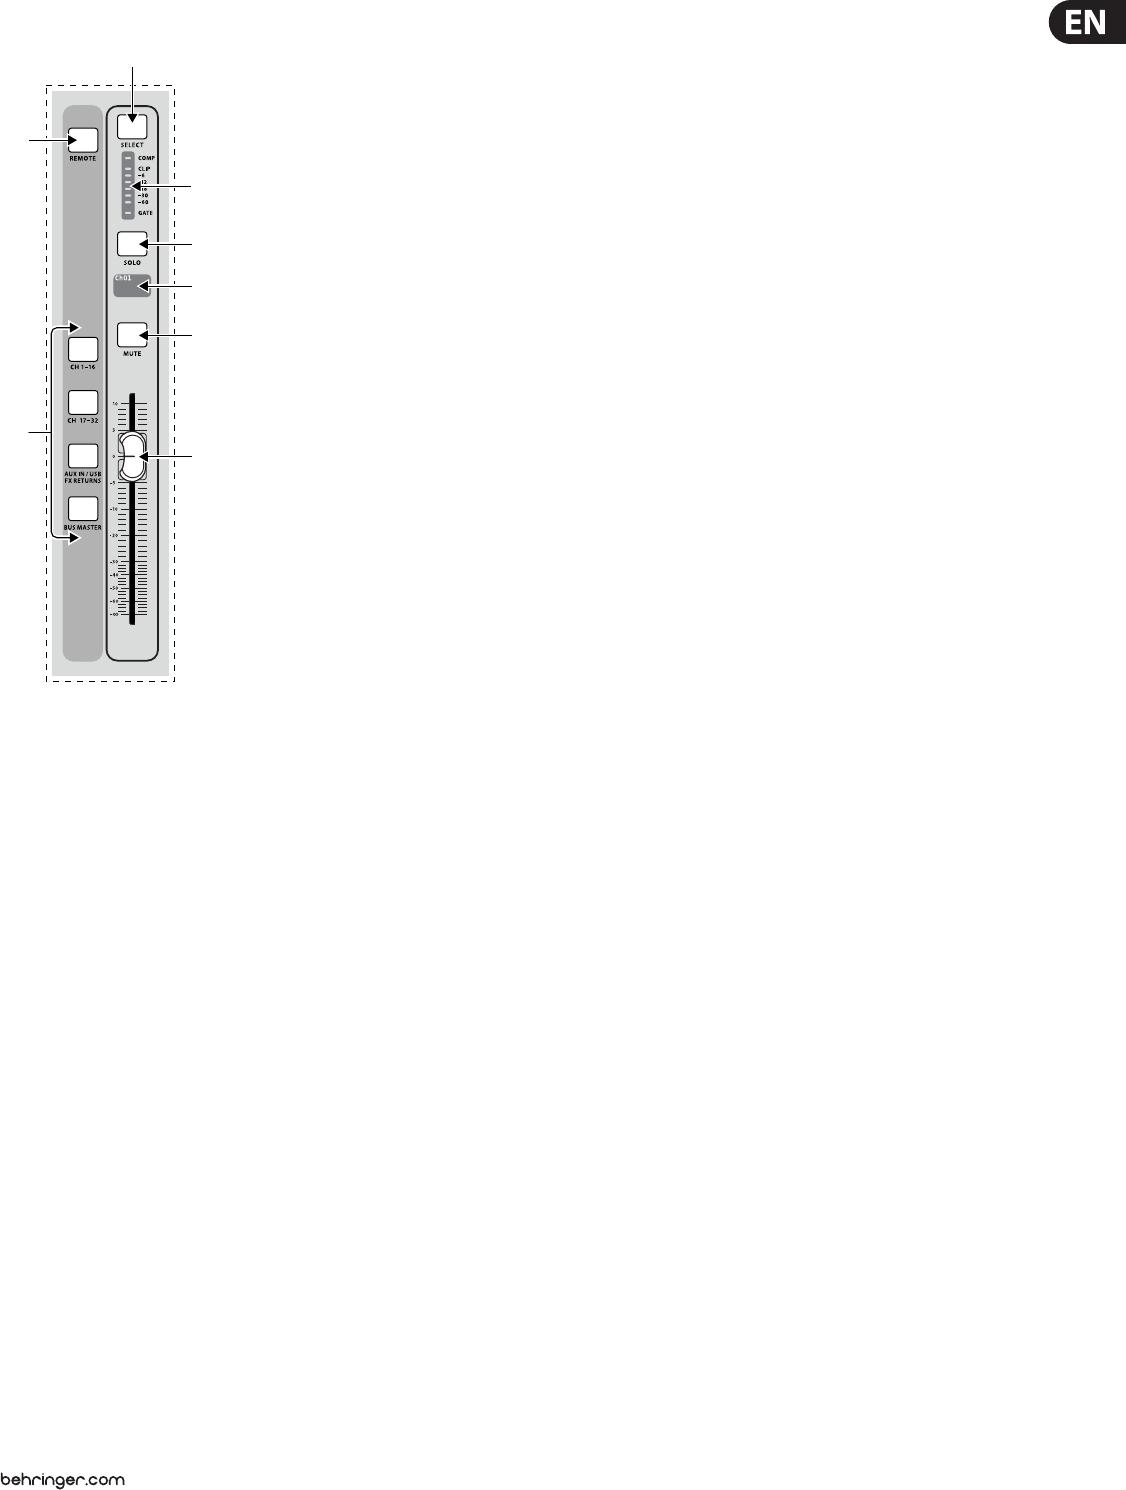 behringer x32 producer user manual